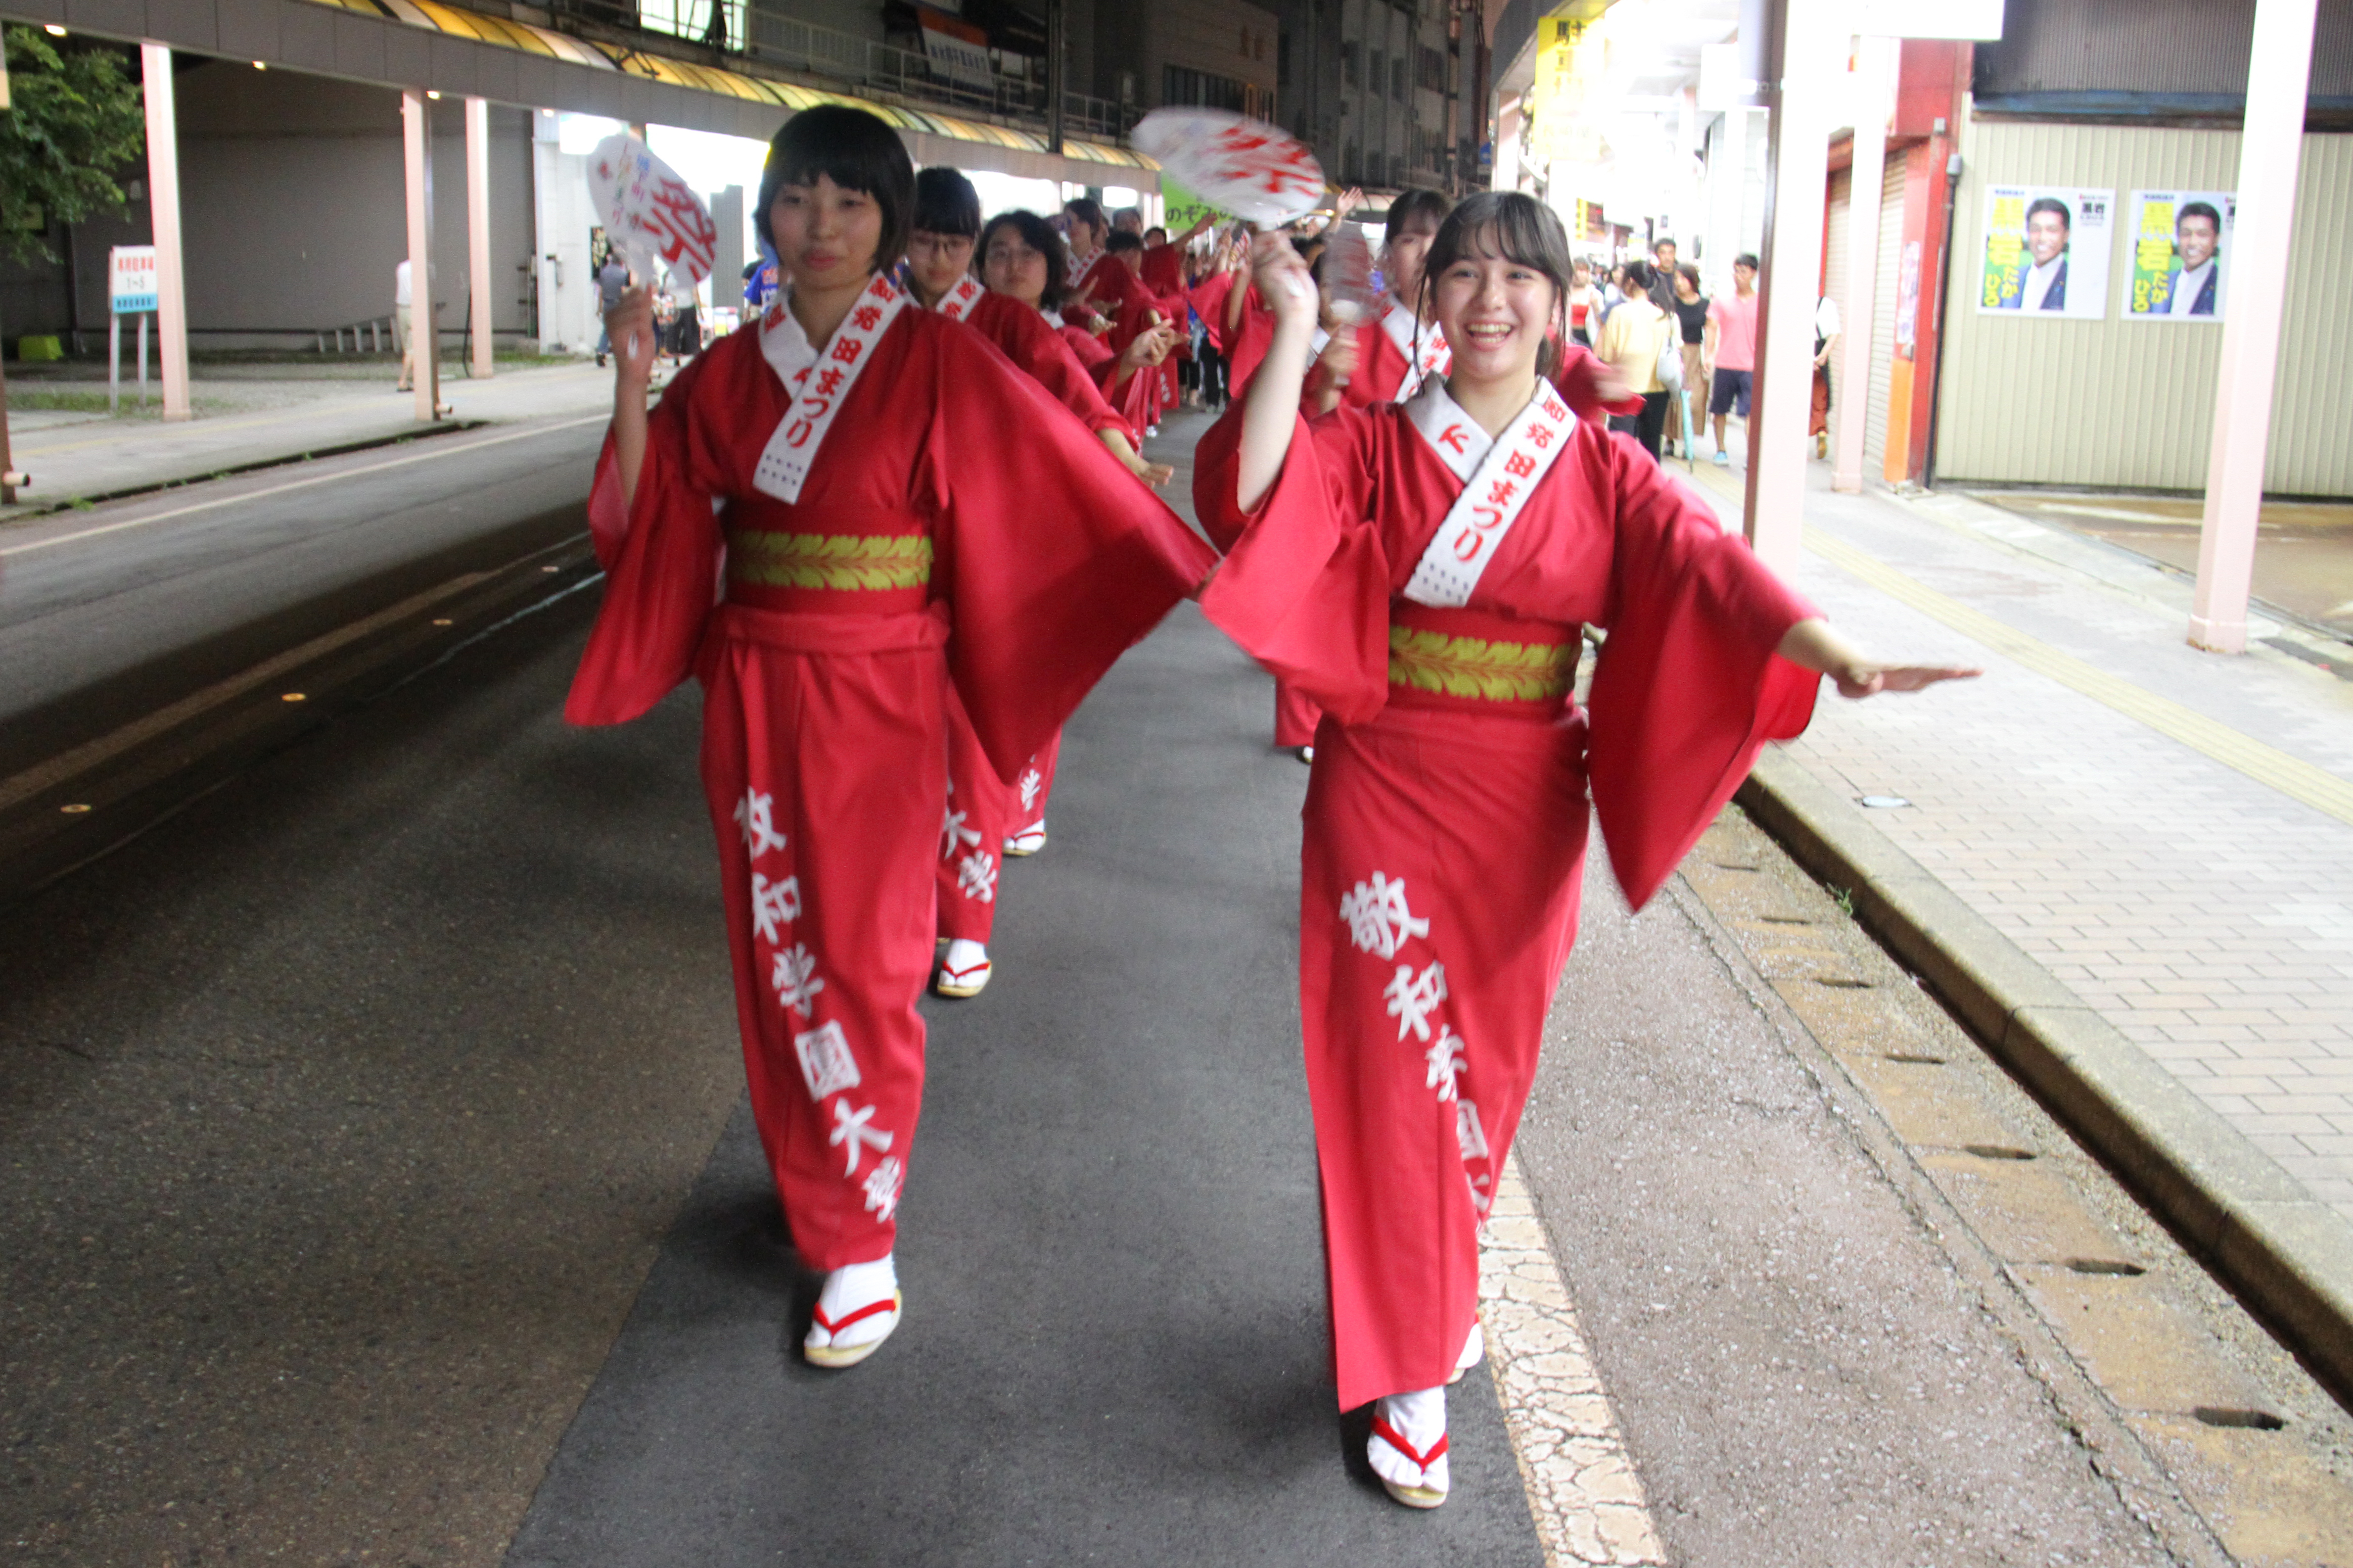 「新発田音頭」「新発田甚句」の生演奏にあわせて踊り歩きました